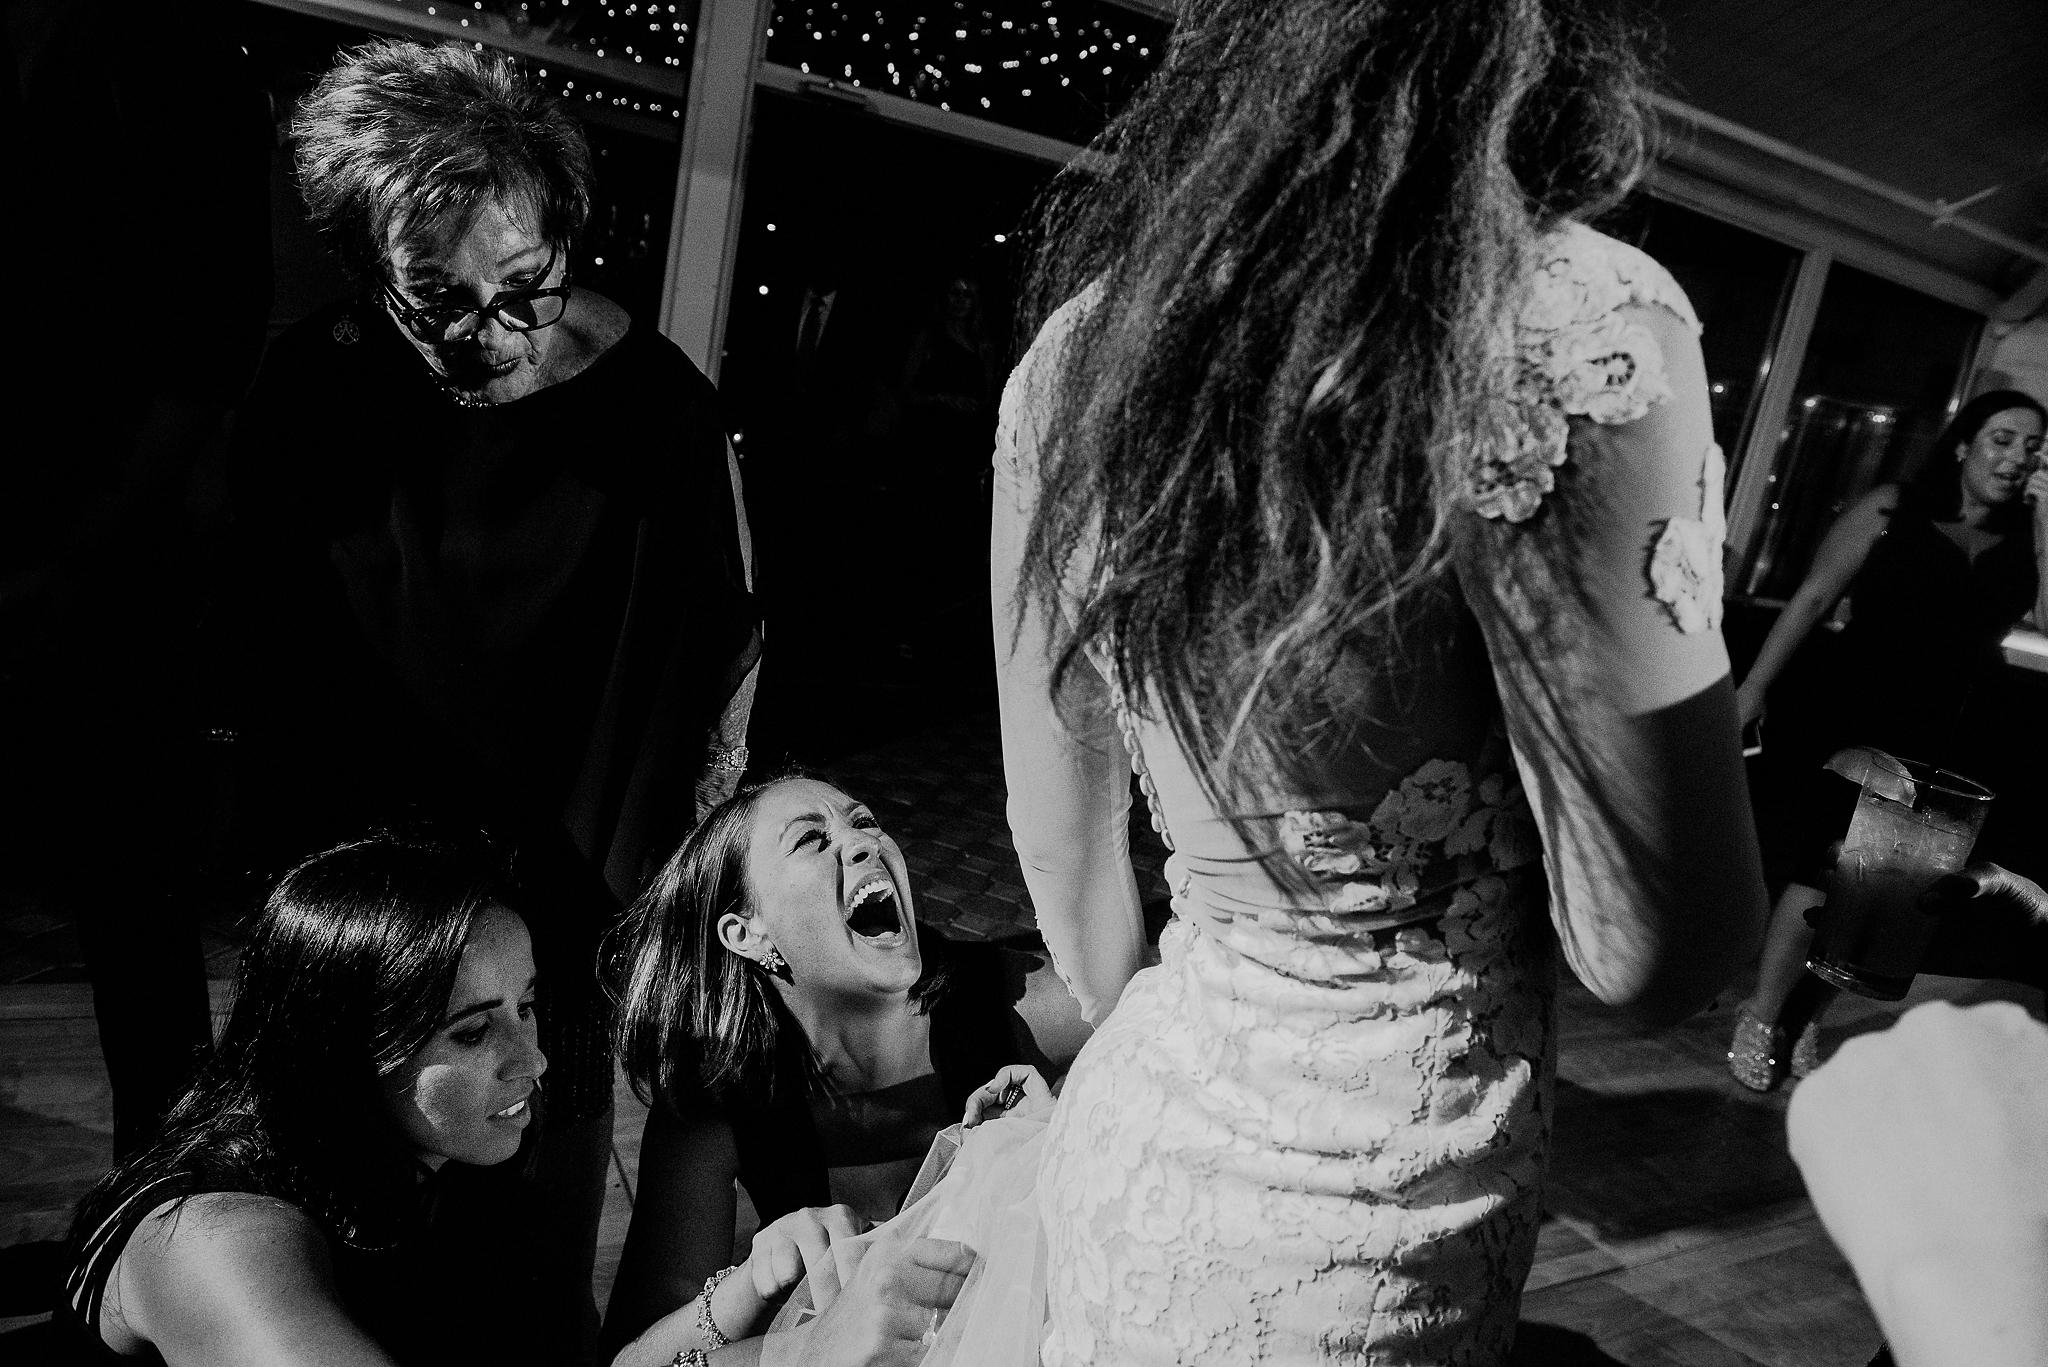 crazy party photos